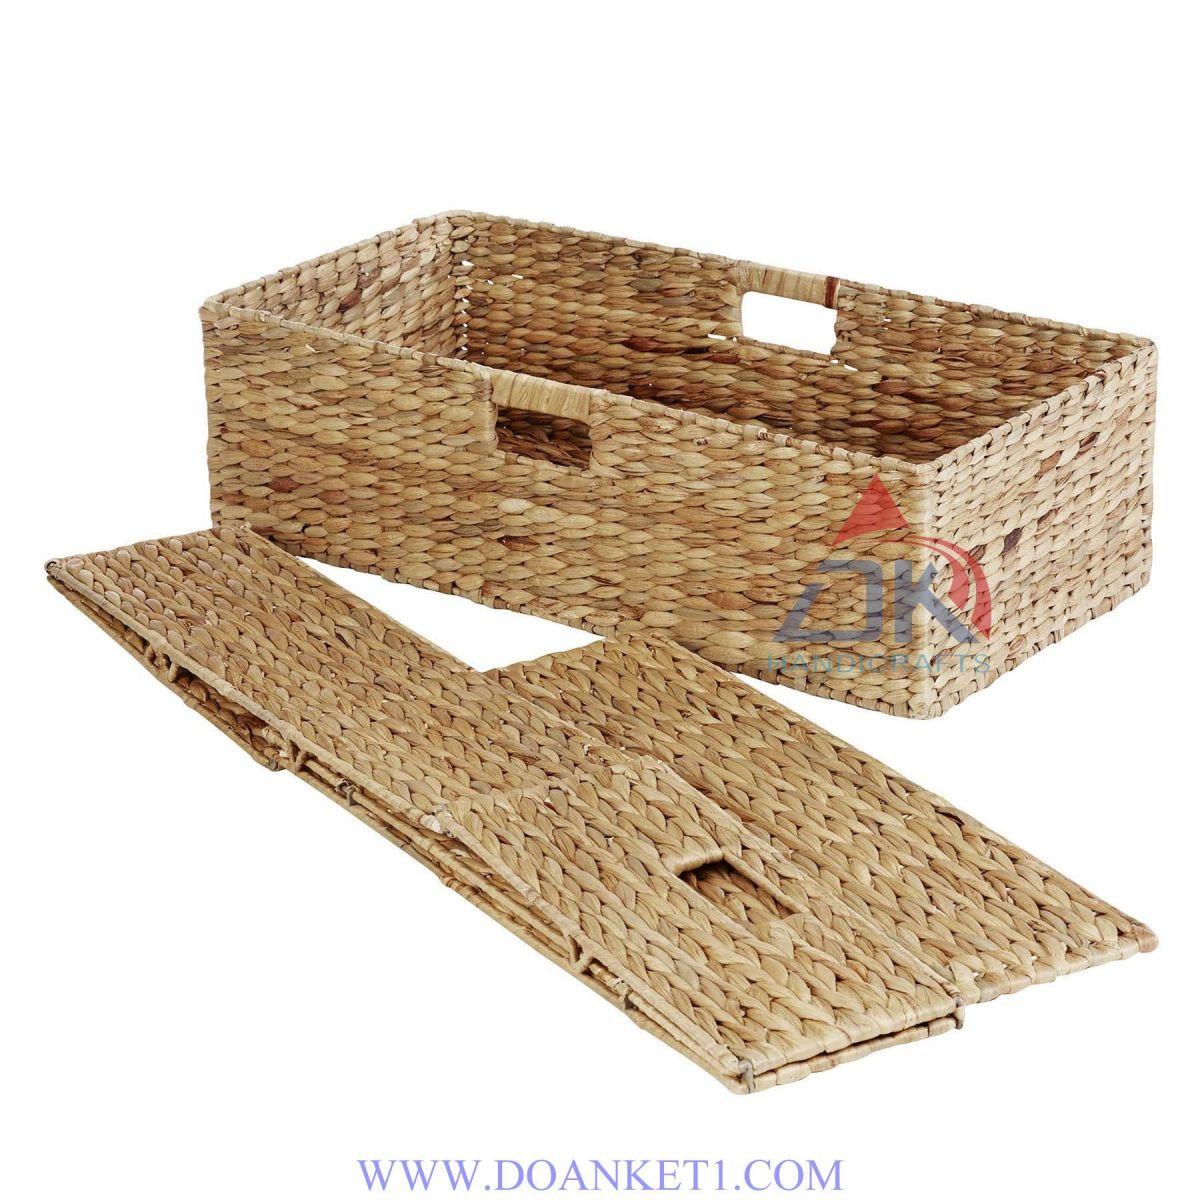 Water Hyacinth Storage Basket # DK384